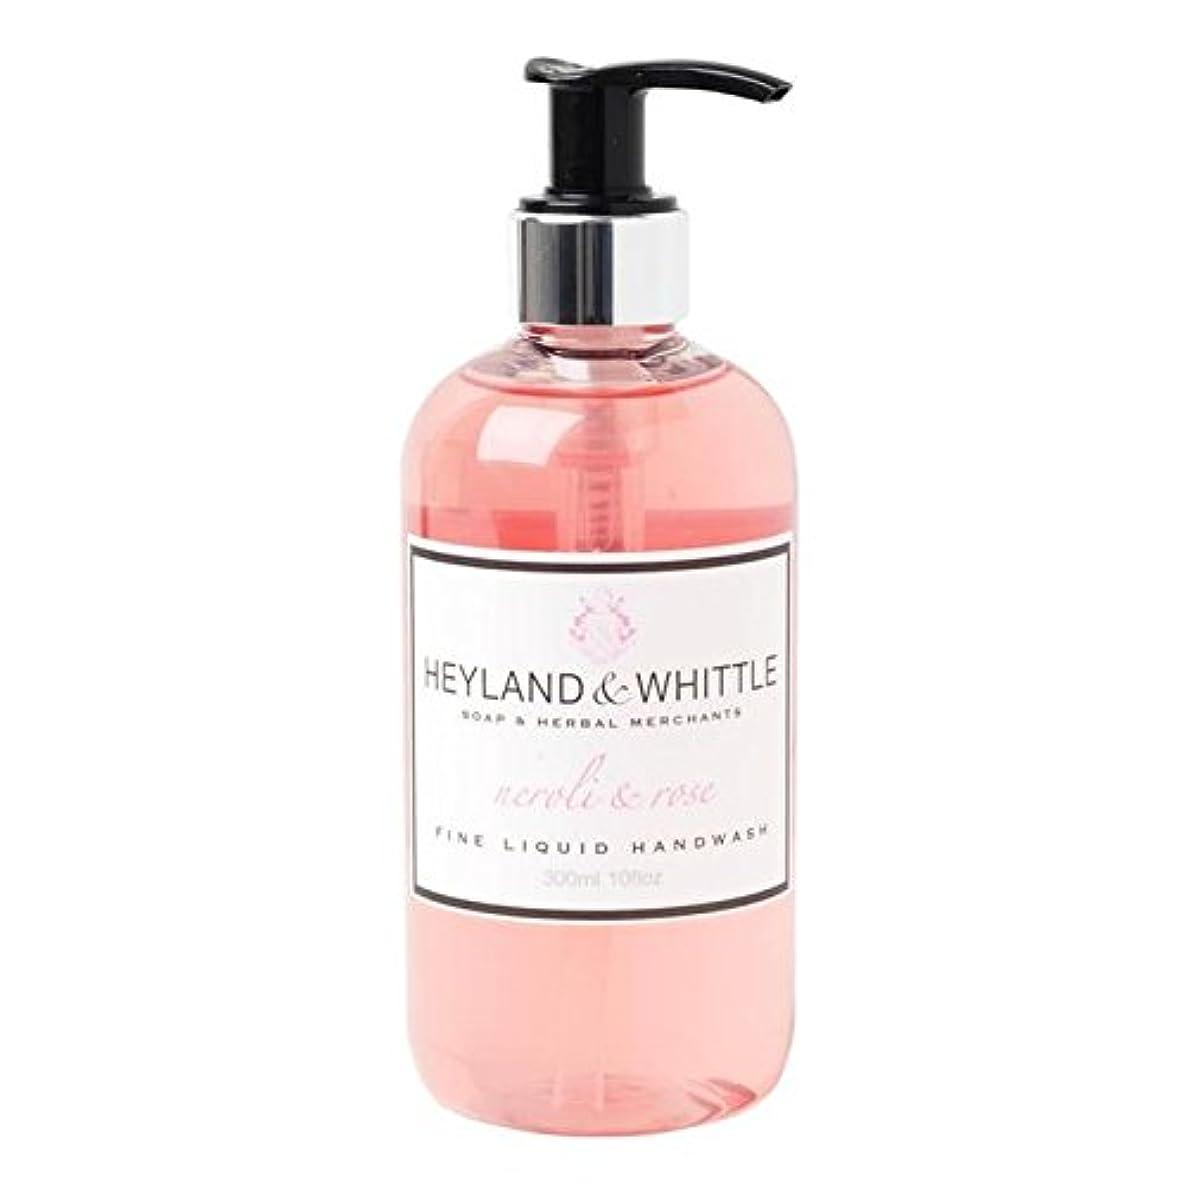 衛星ナイロン命題Heyland & Whittle Neroli & Rose Handwash 300ml - &削るネロリ&手洗いの300ミリリットルをバラ [並行輸入品]